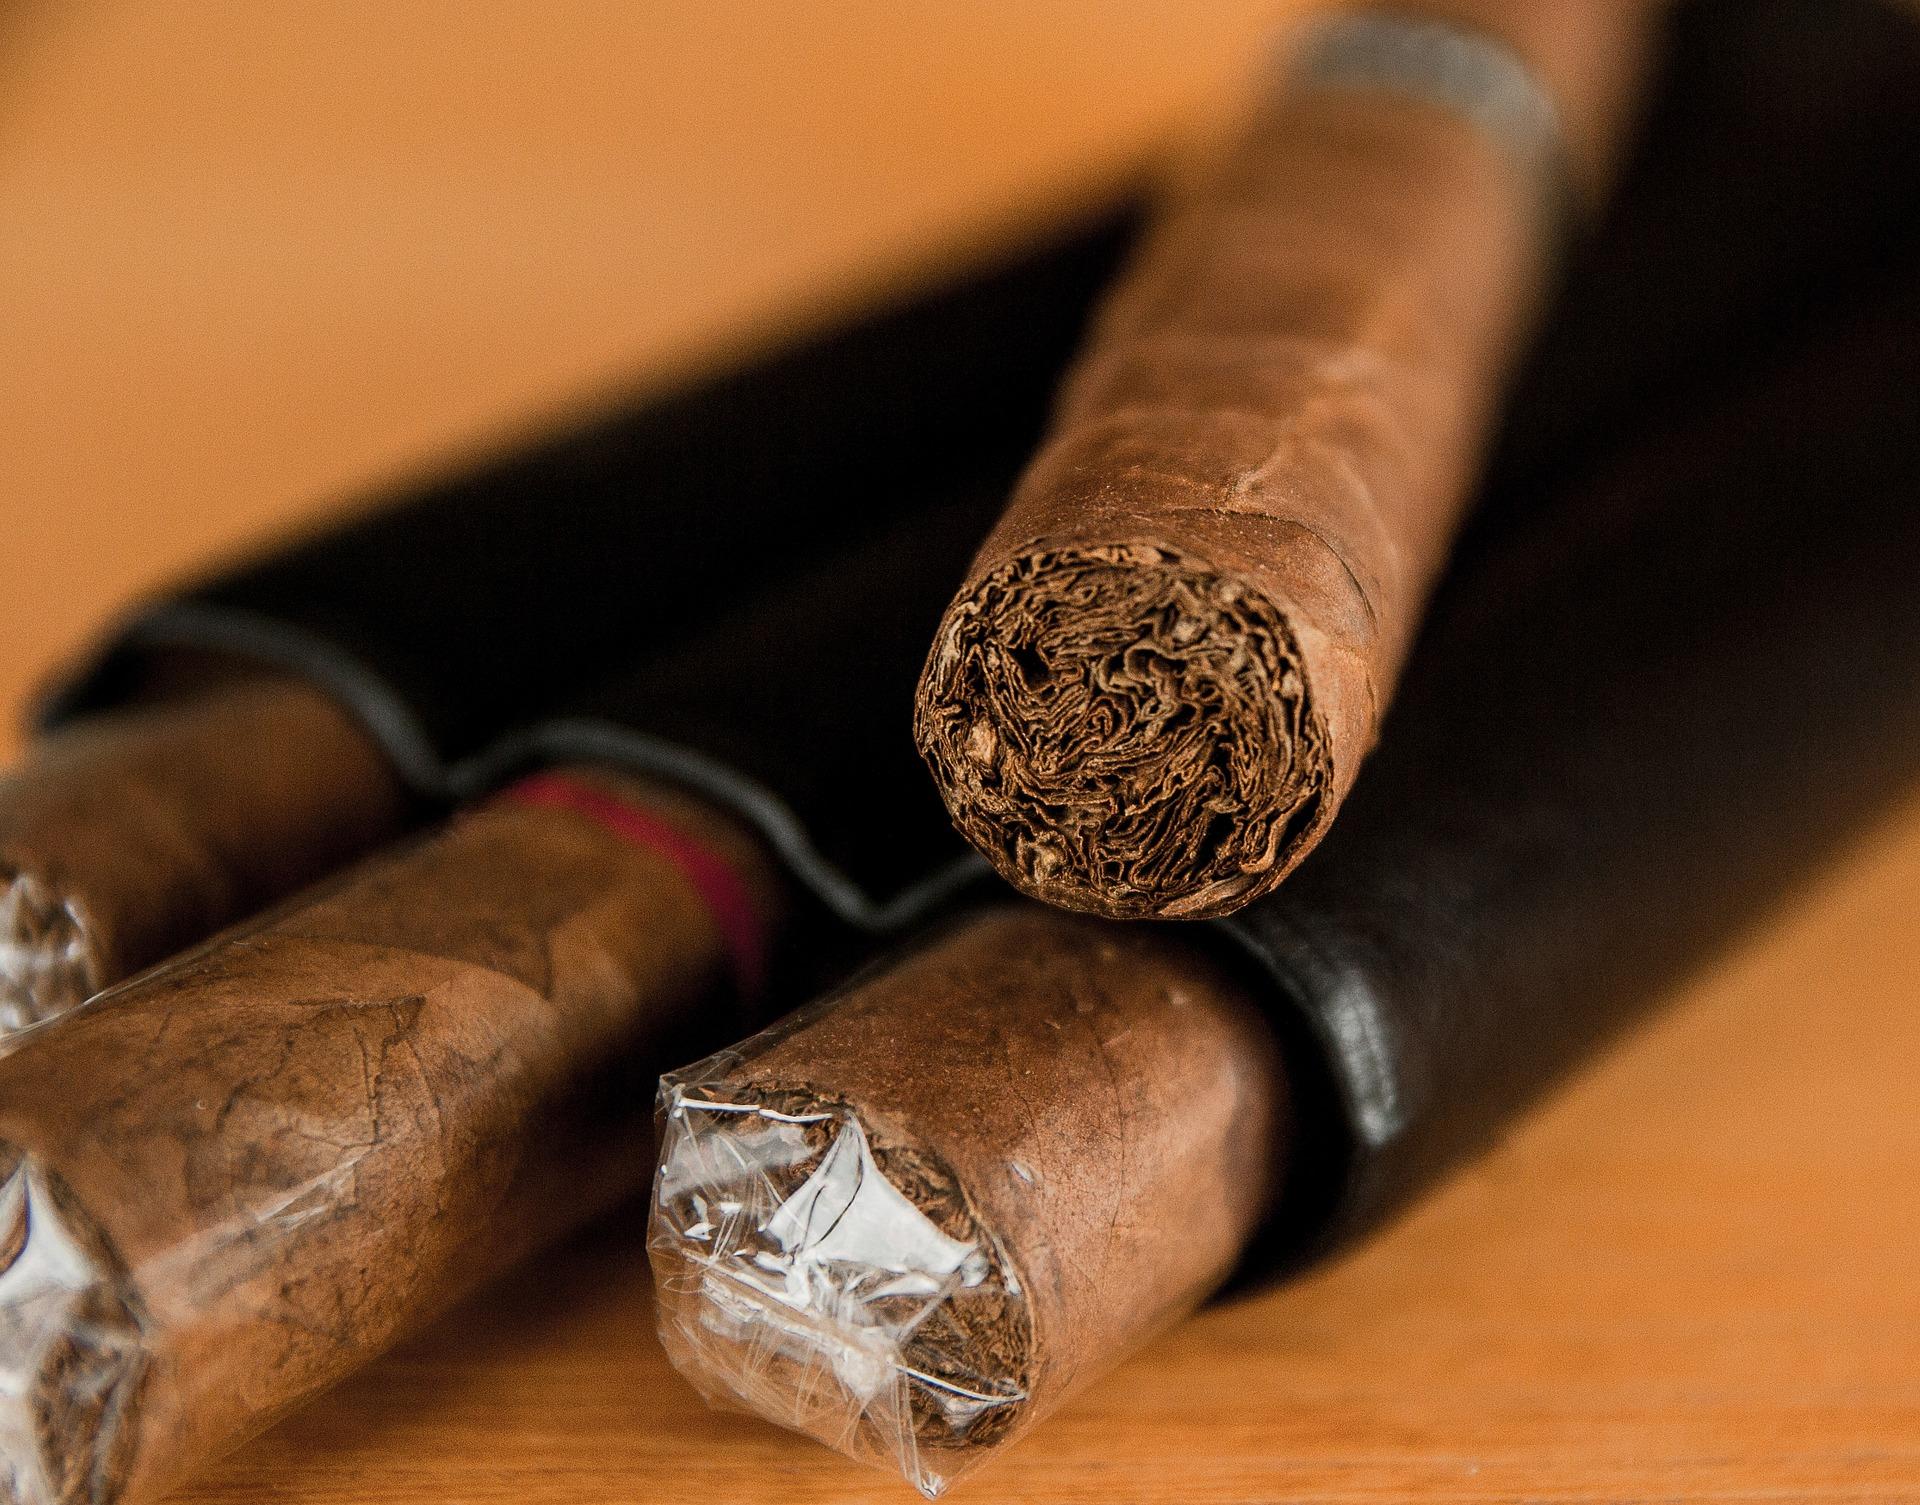 RD apelará decisión sobre etiquetado de cigarros